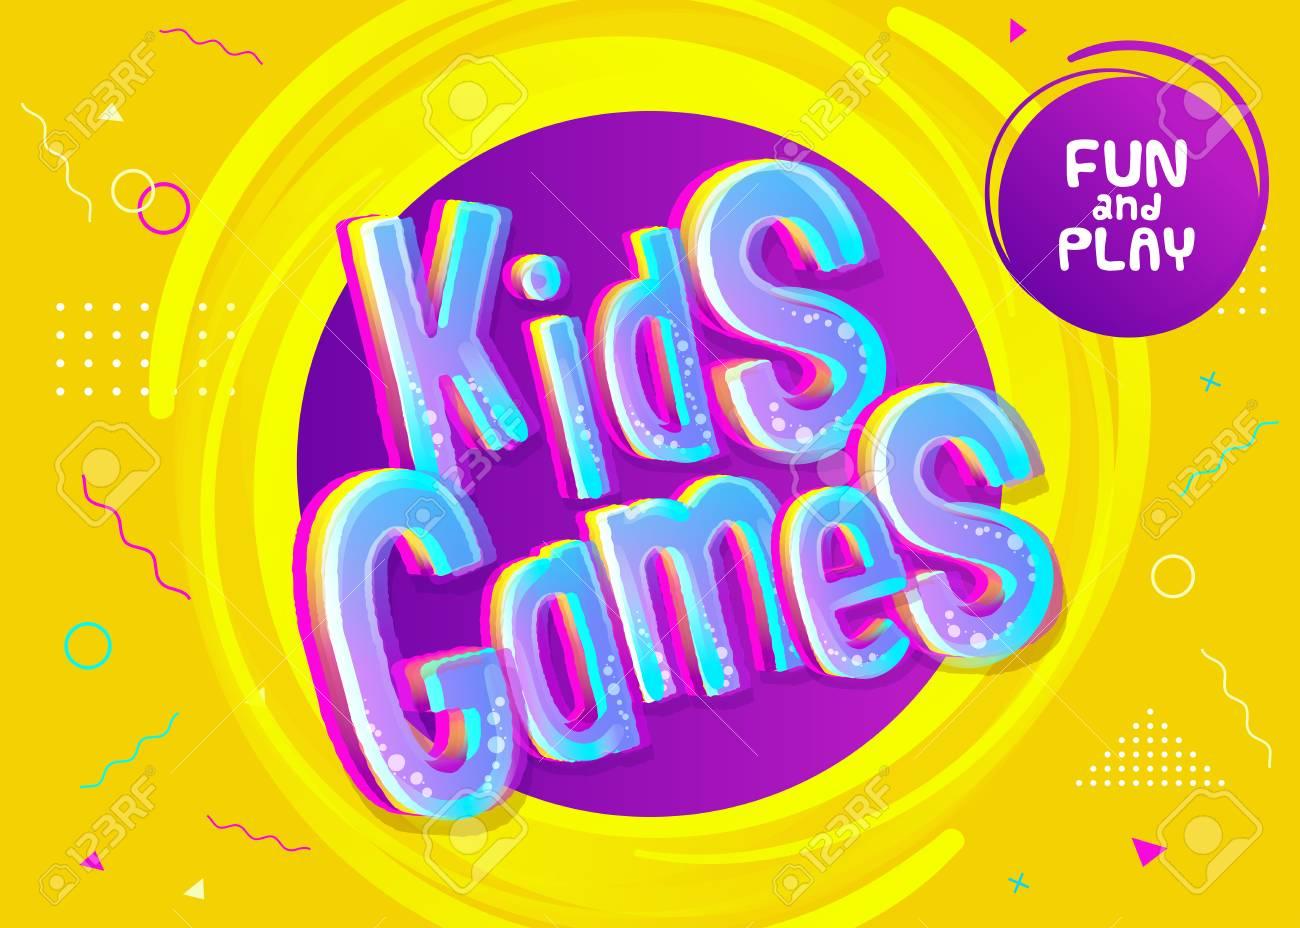 Juegos Infantiles Vector Patr N En Estilo De Dibujos Animados  -> Sala En Ingles Dibujo